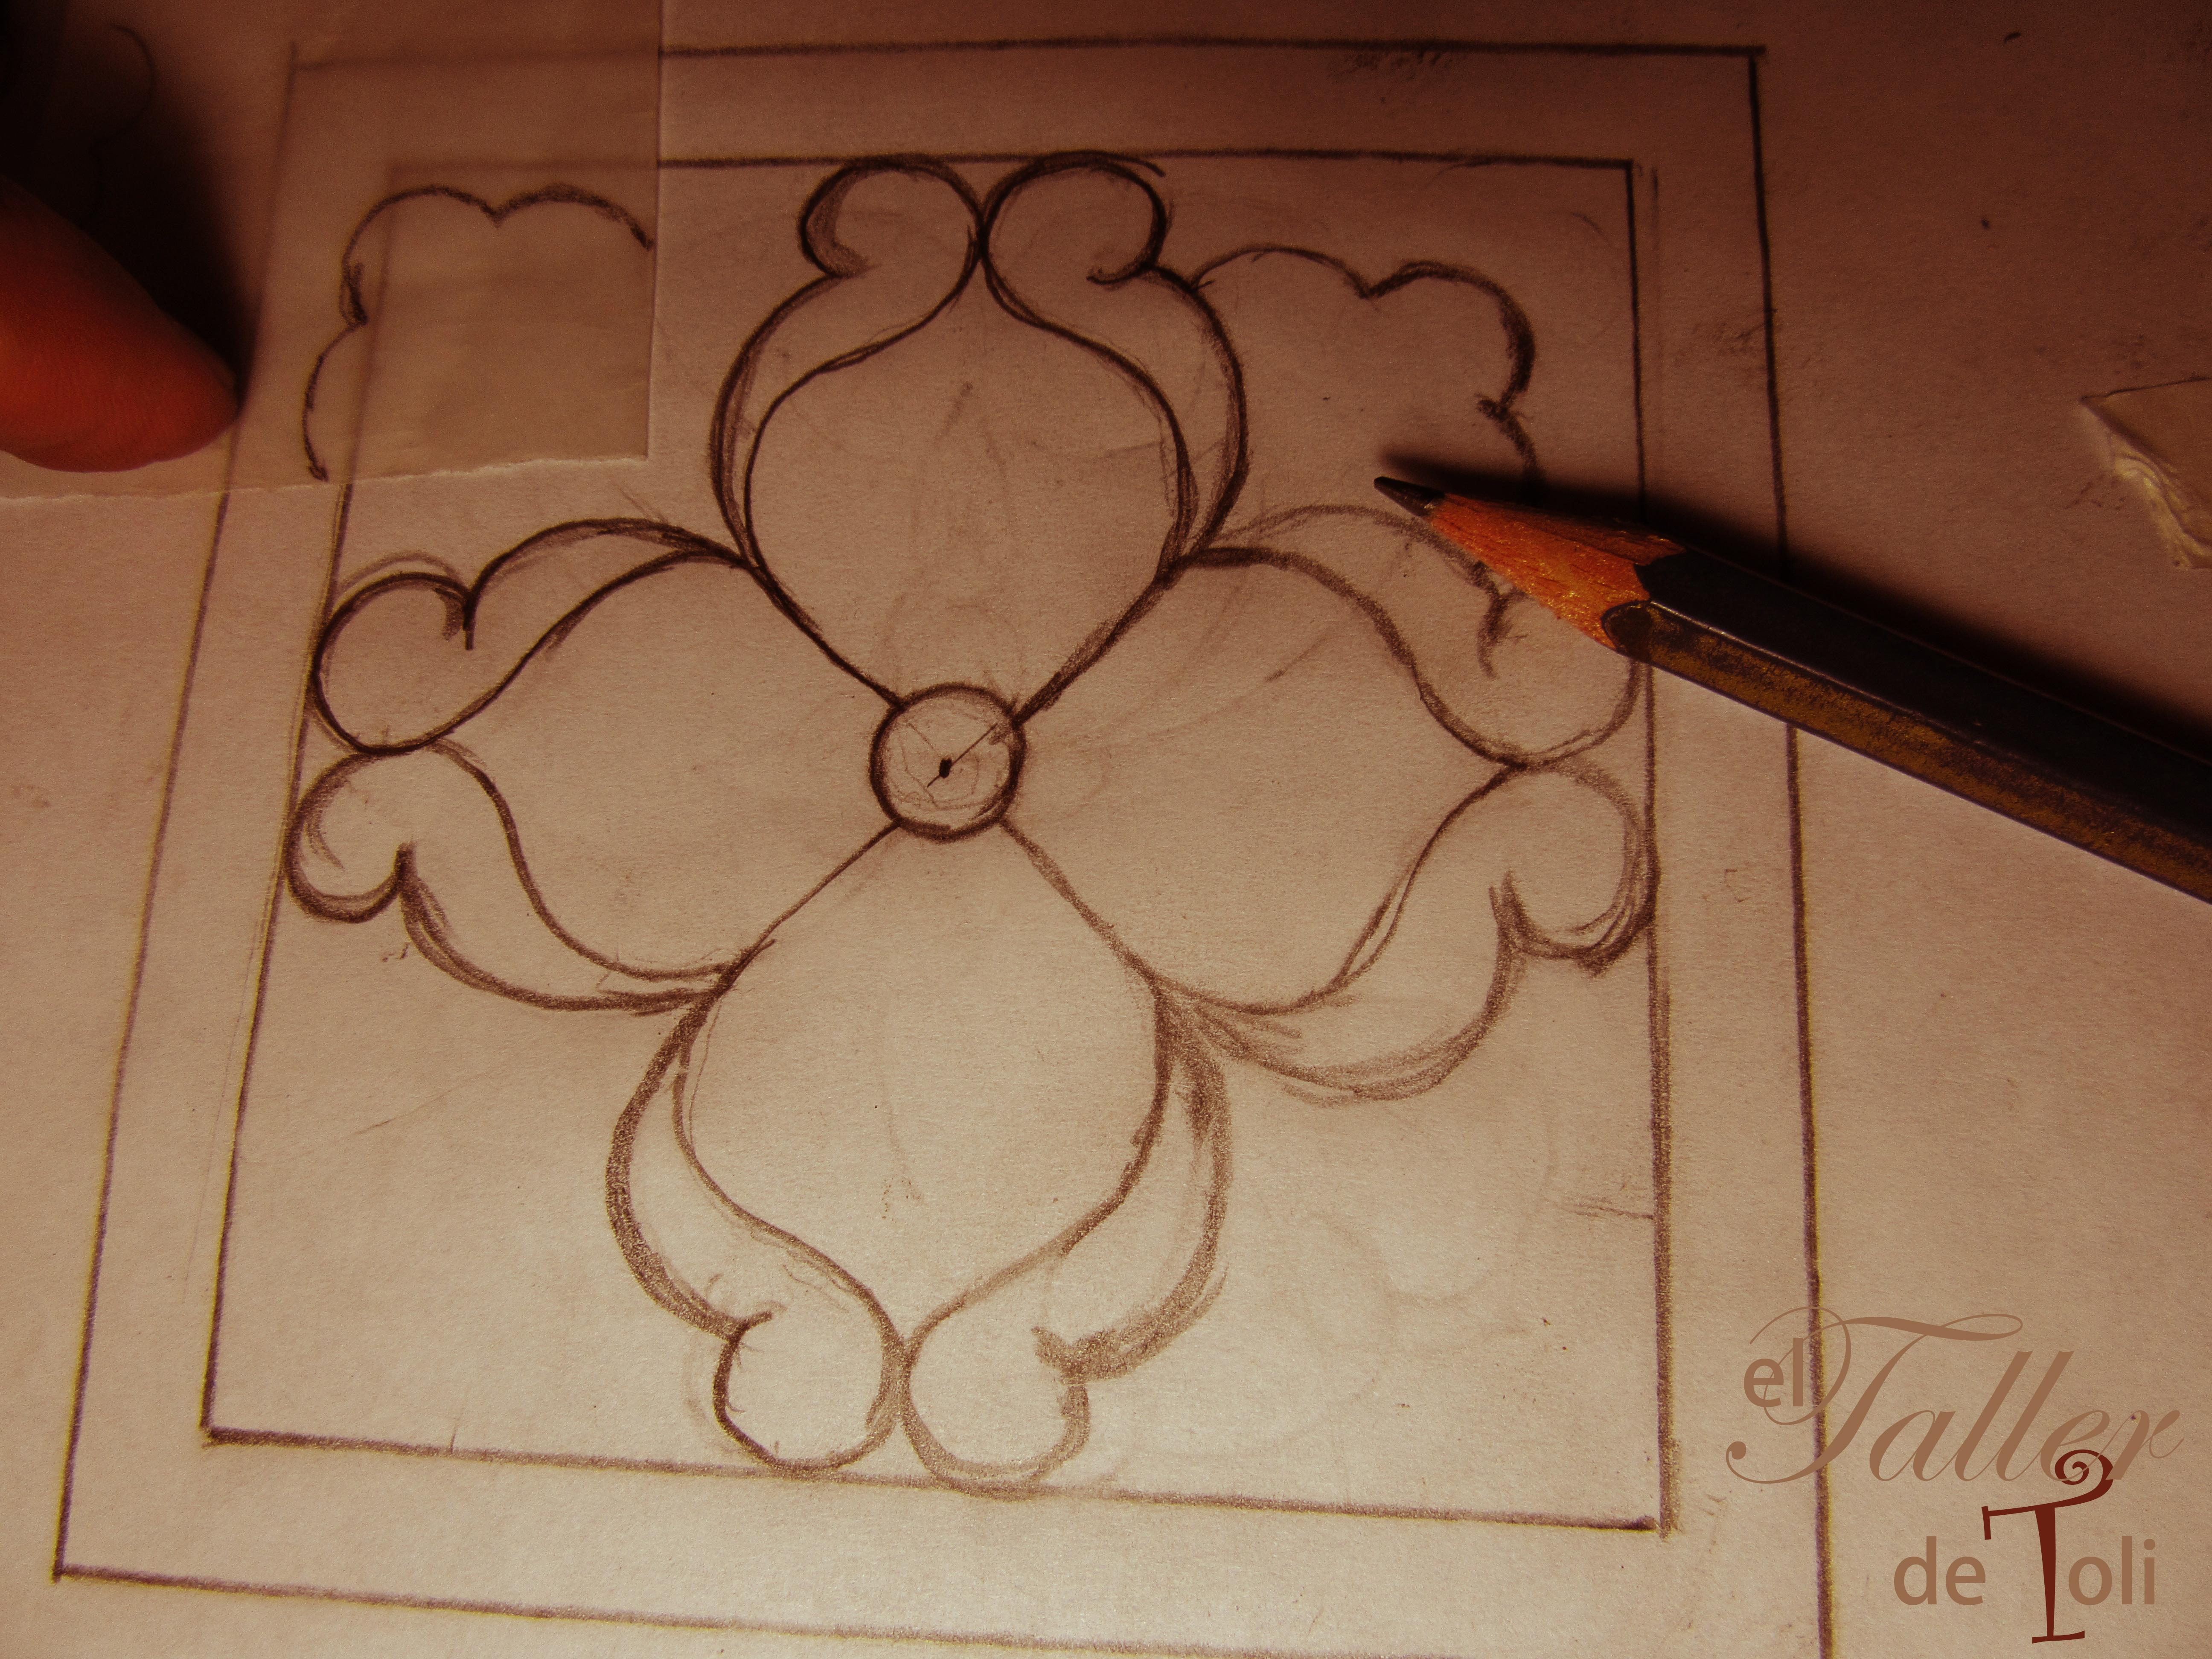 May licas el taller de toli for Decoracion en ceramica artesanal